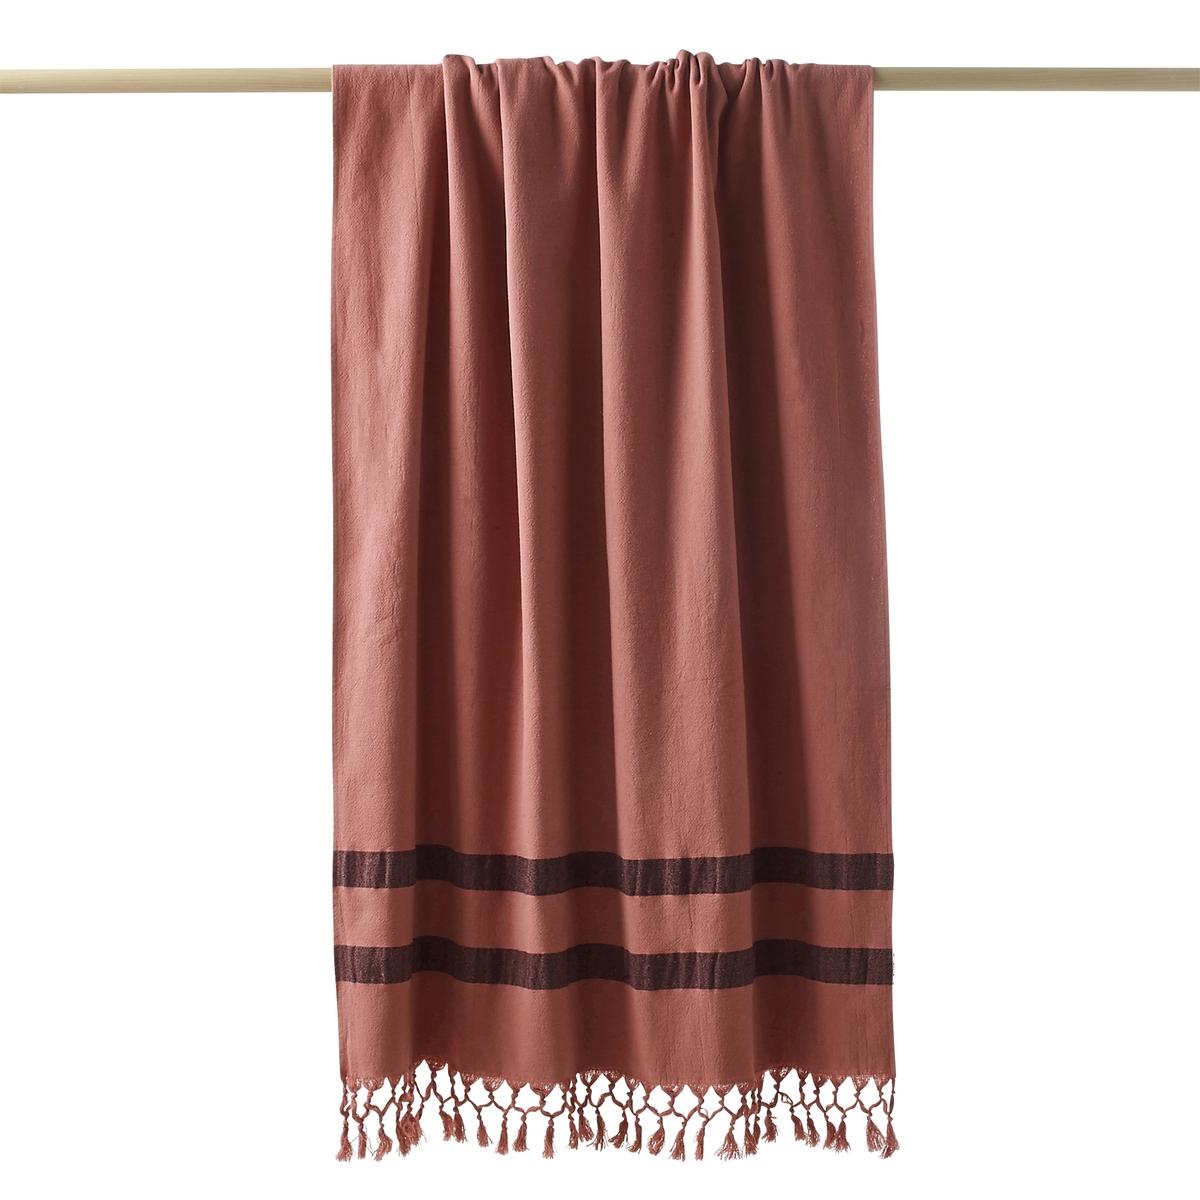 Fouta com verso em turco, formato de toalha de praia ANTALYA